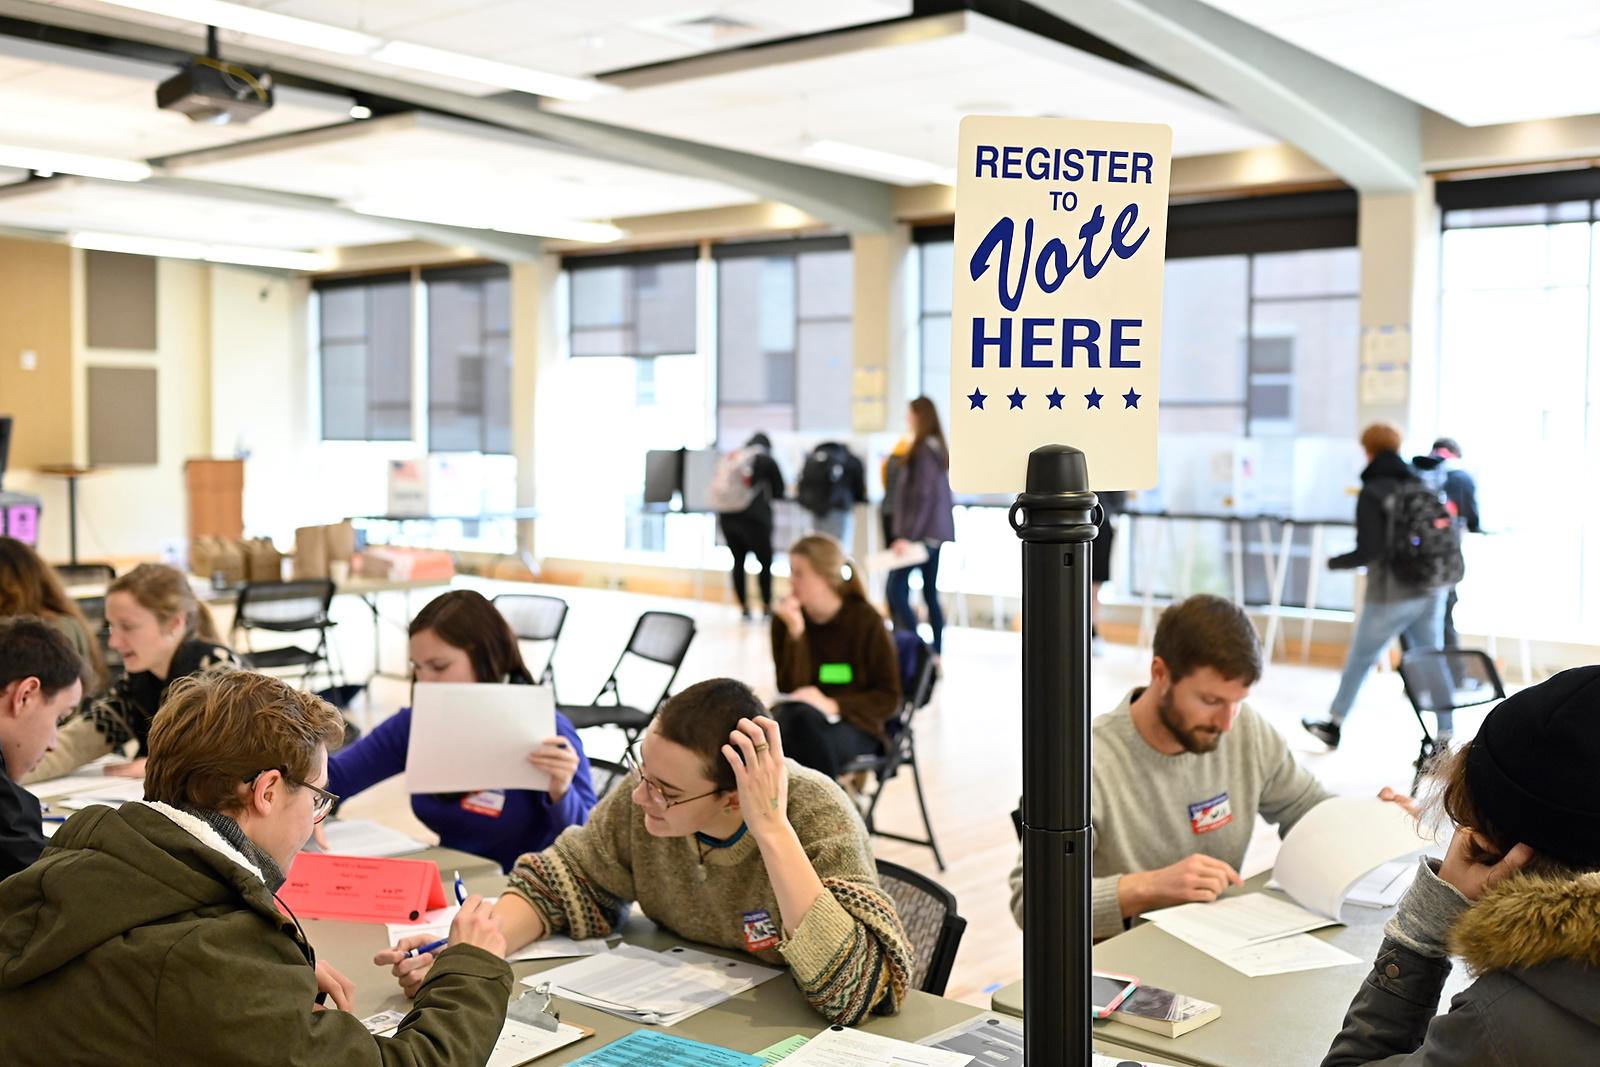 UW has second highest voter turnout in Big Ten